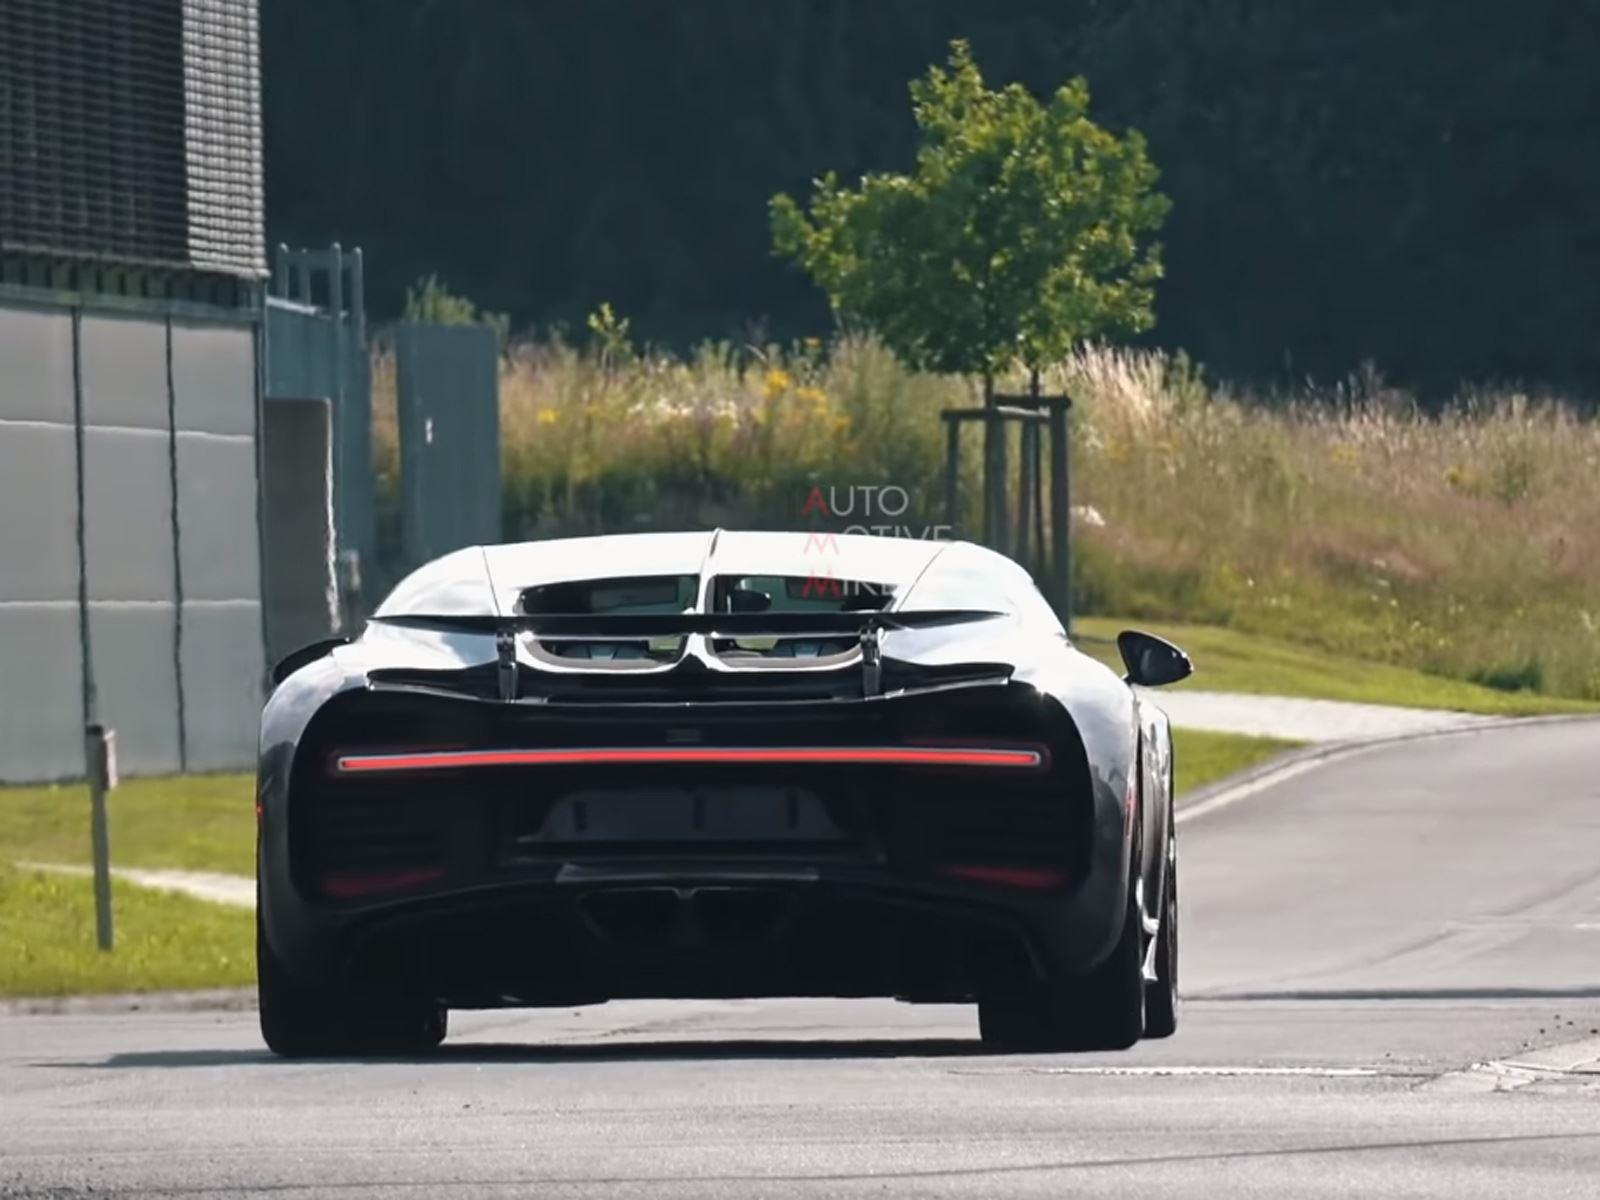 Поскольку Chiron уже не совсем новый суперкар, почему Bugatti продолжает разработку? Наиболее вероятным, хотя и неподтвержденным ответом, является то, что в разработке может быть использован ориентированный на трек вариант. В конце концов, немного бо